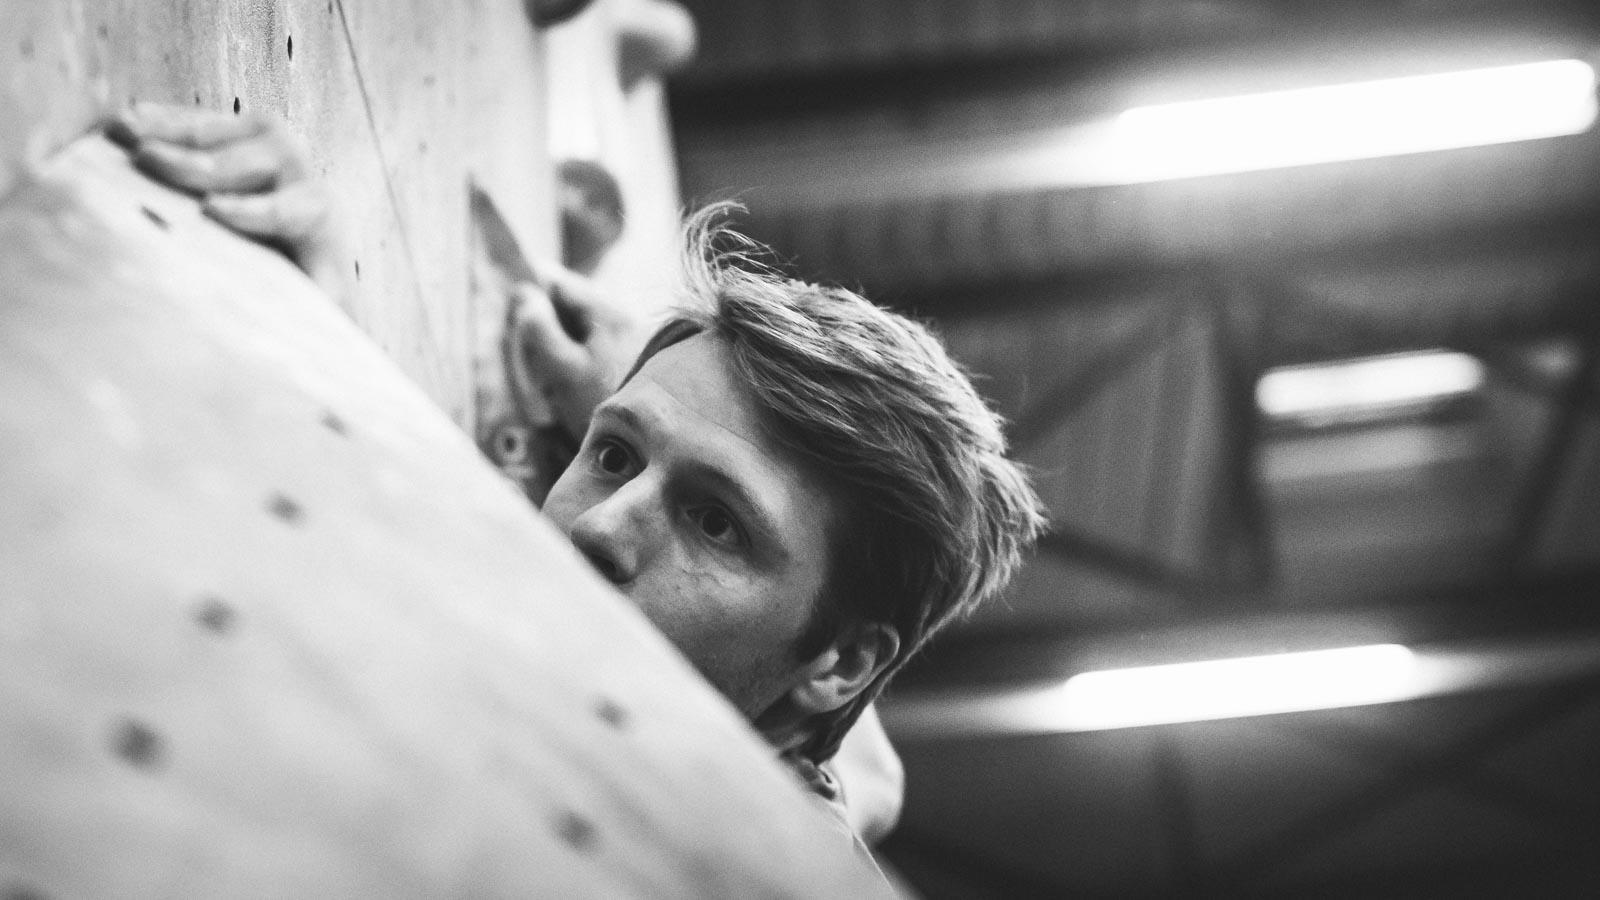 Focus on a climber's face while climbing in a bouldergym